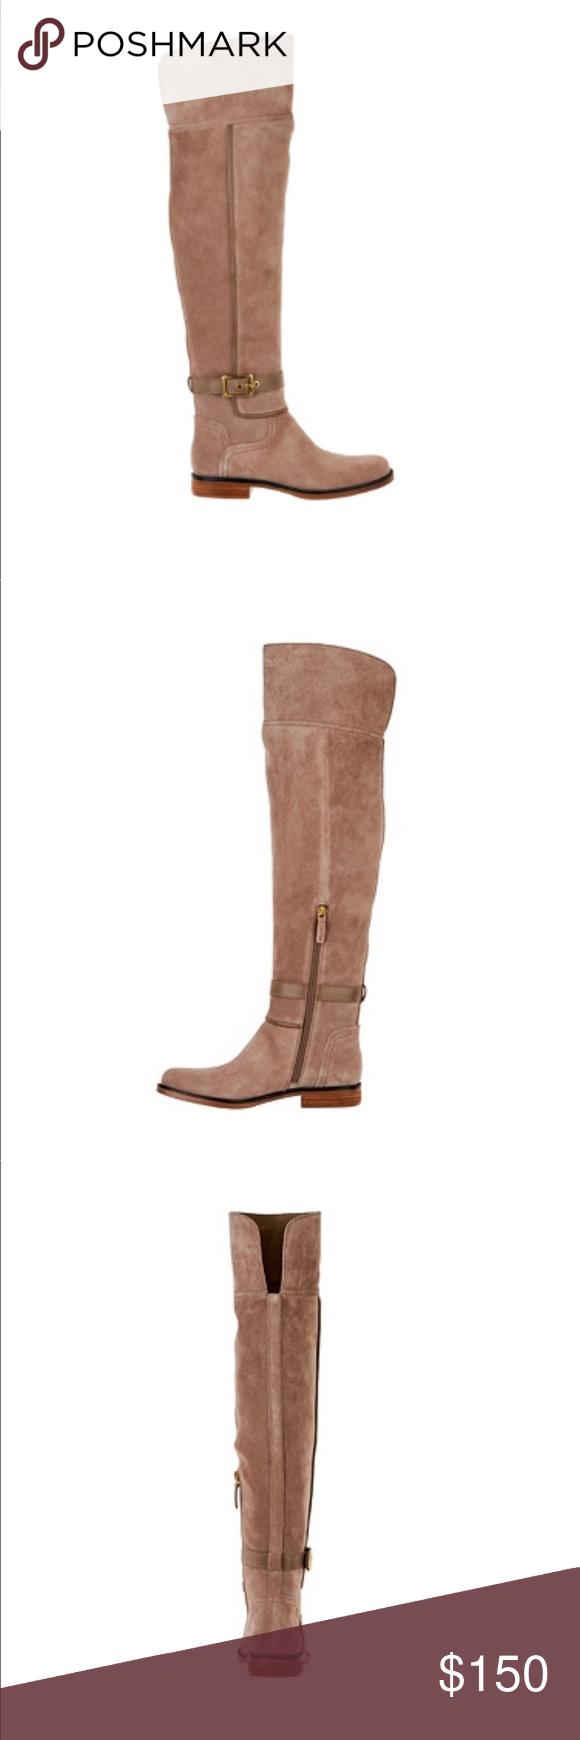 38f166e1f785 Perfect 🎁 Franco Sarto Wide Calf Boots FREE SHIPPING TODAY ONLY Franco  Sarto Wide Calf Suede